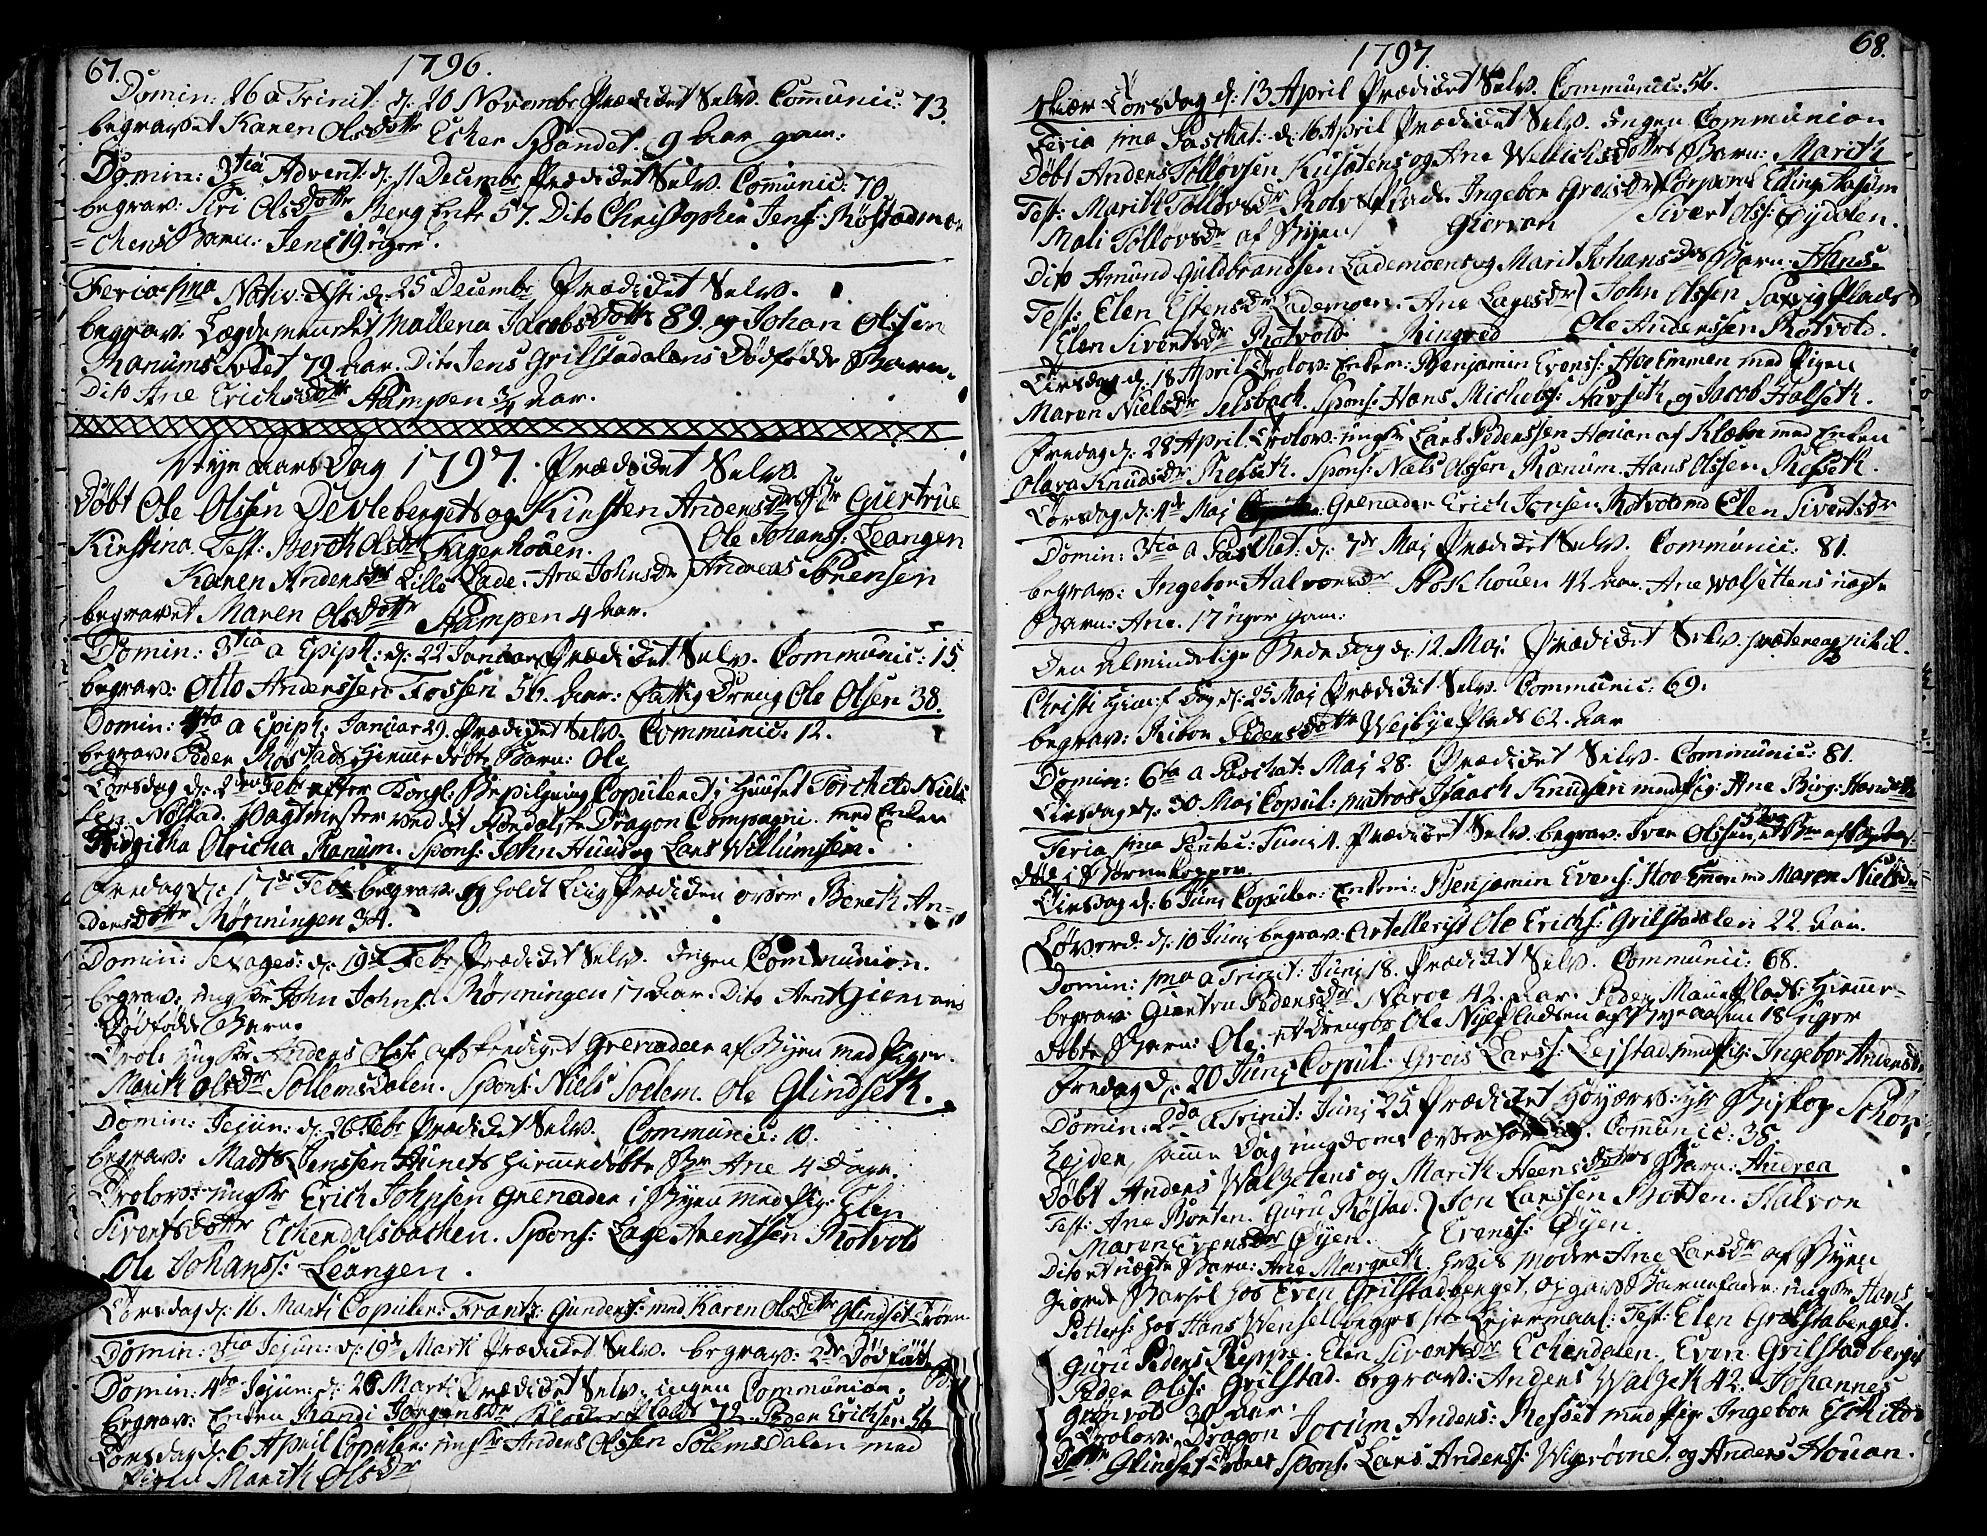 SAT, Ministerialprotokoller, klokkerbøker og fødselsregistre - Sør-Trøndelag, 606/L0280: Ministerialbok nr. 606A02 /1, 1781-1817, s. 67-68